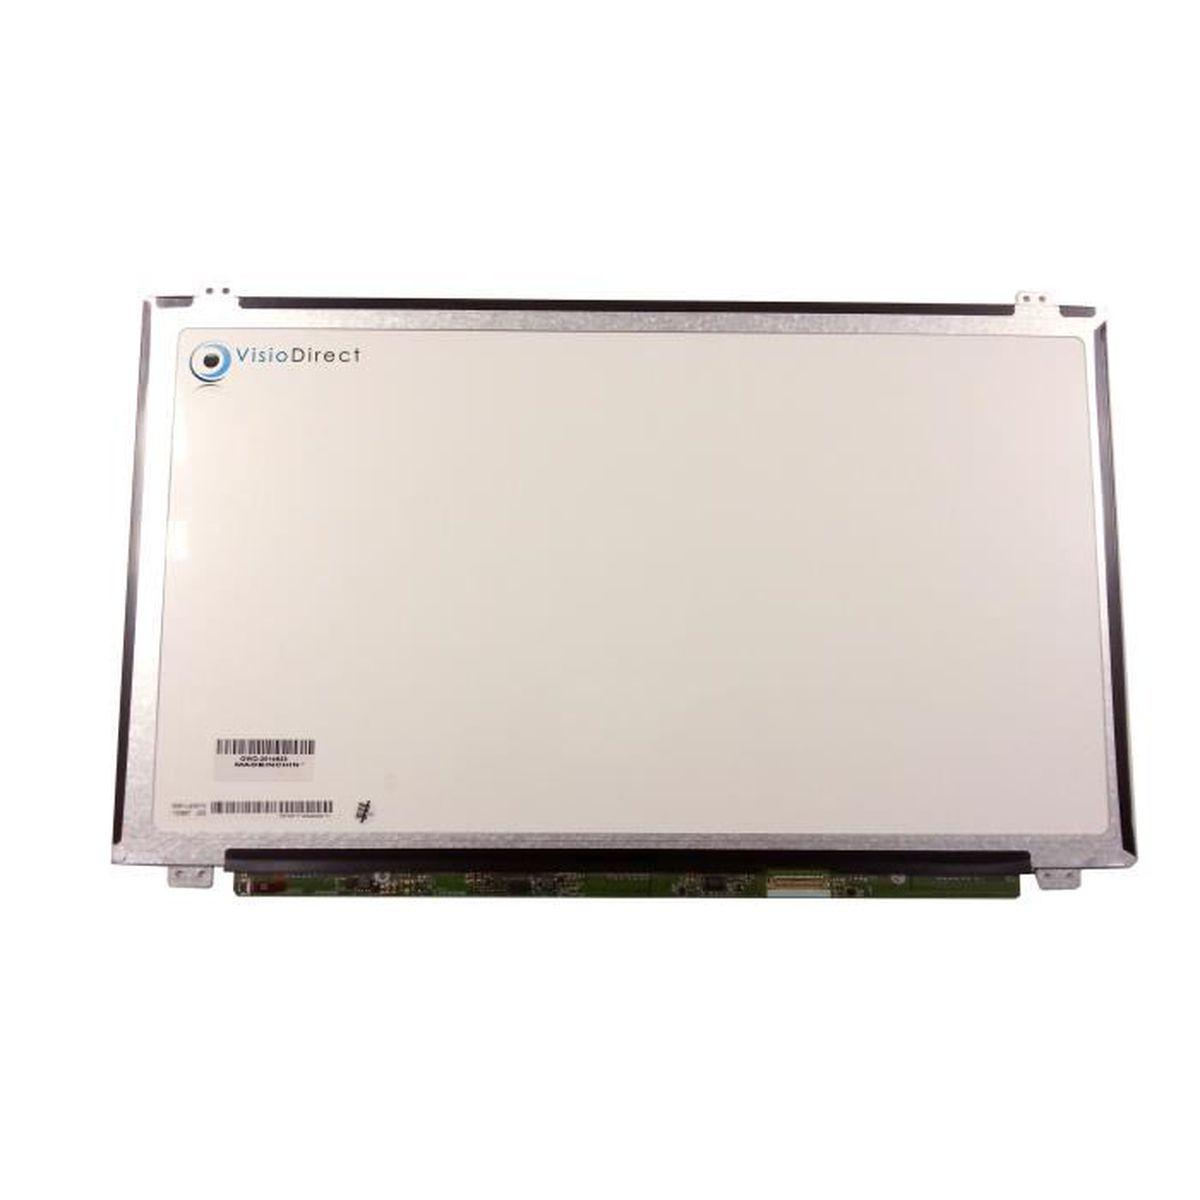 Interfaccia 5 led wireless con supporto THINK Baxi 7102441  7102441